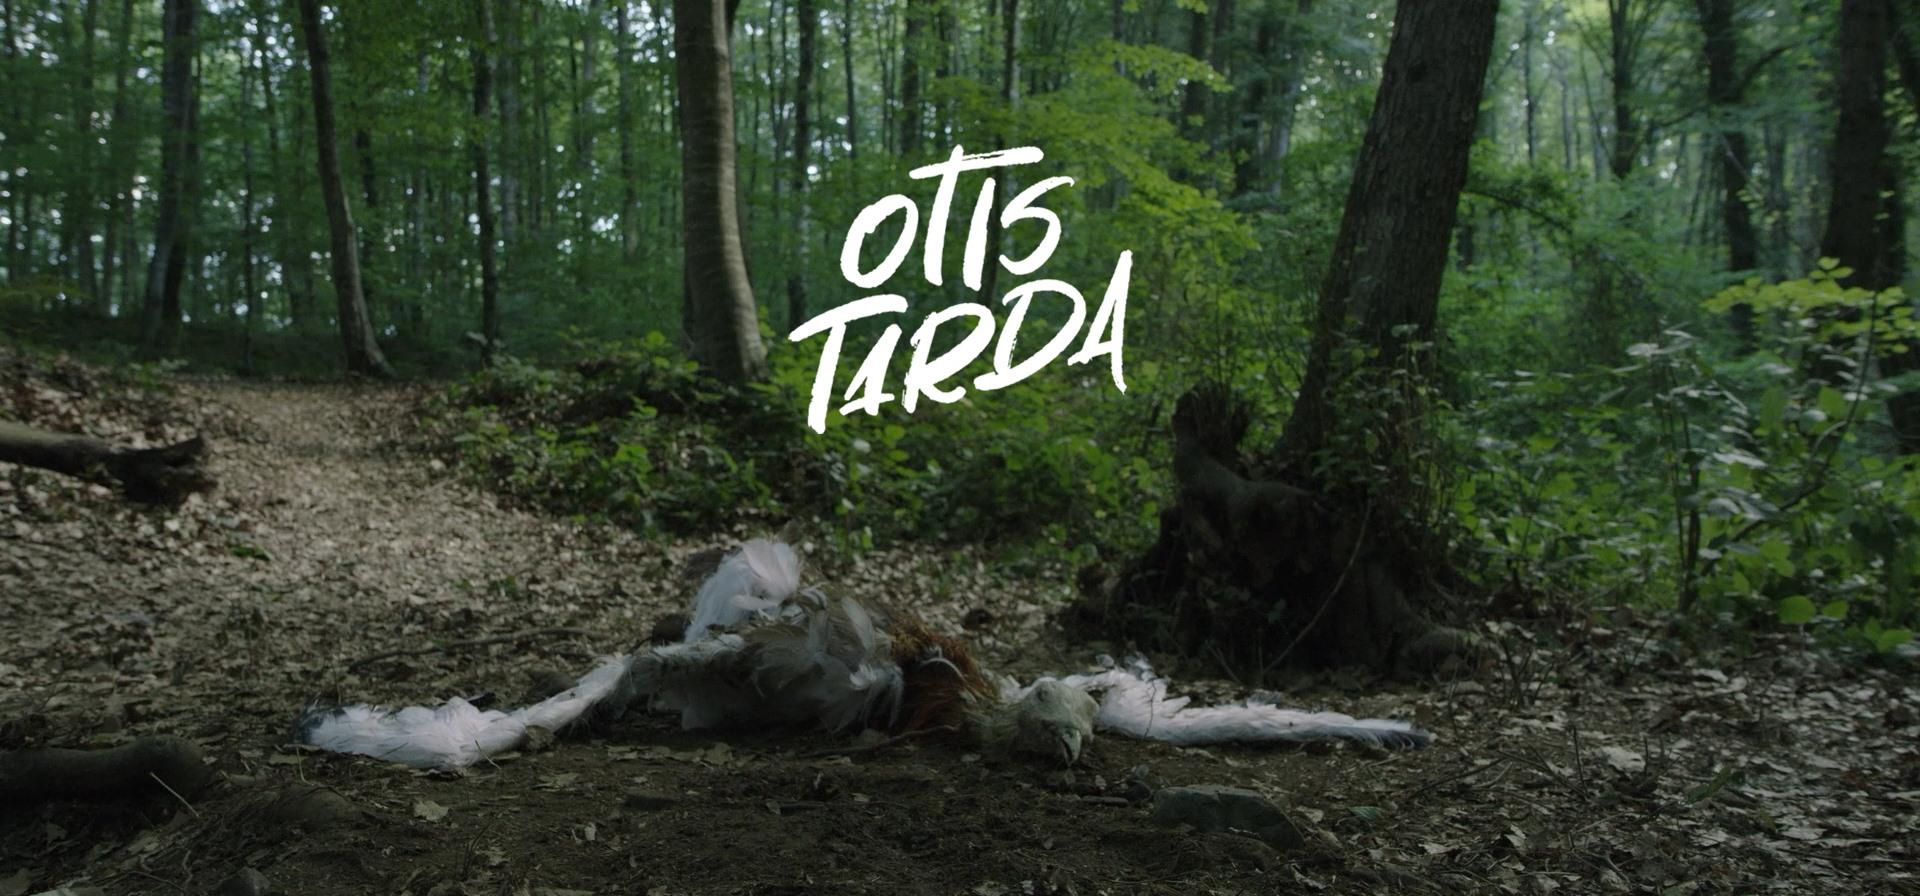 """Emre Öksüz'ün Son Kısa Filmi """"Otis Tarda""""nın Çekimleri Tamamlandı"""